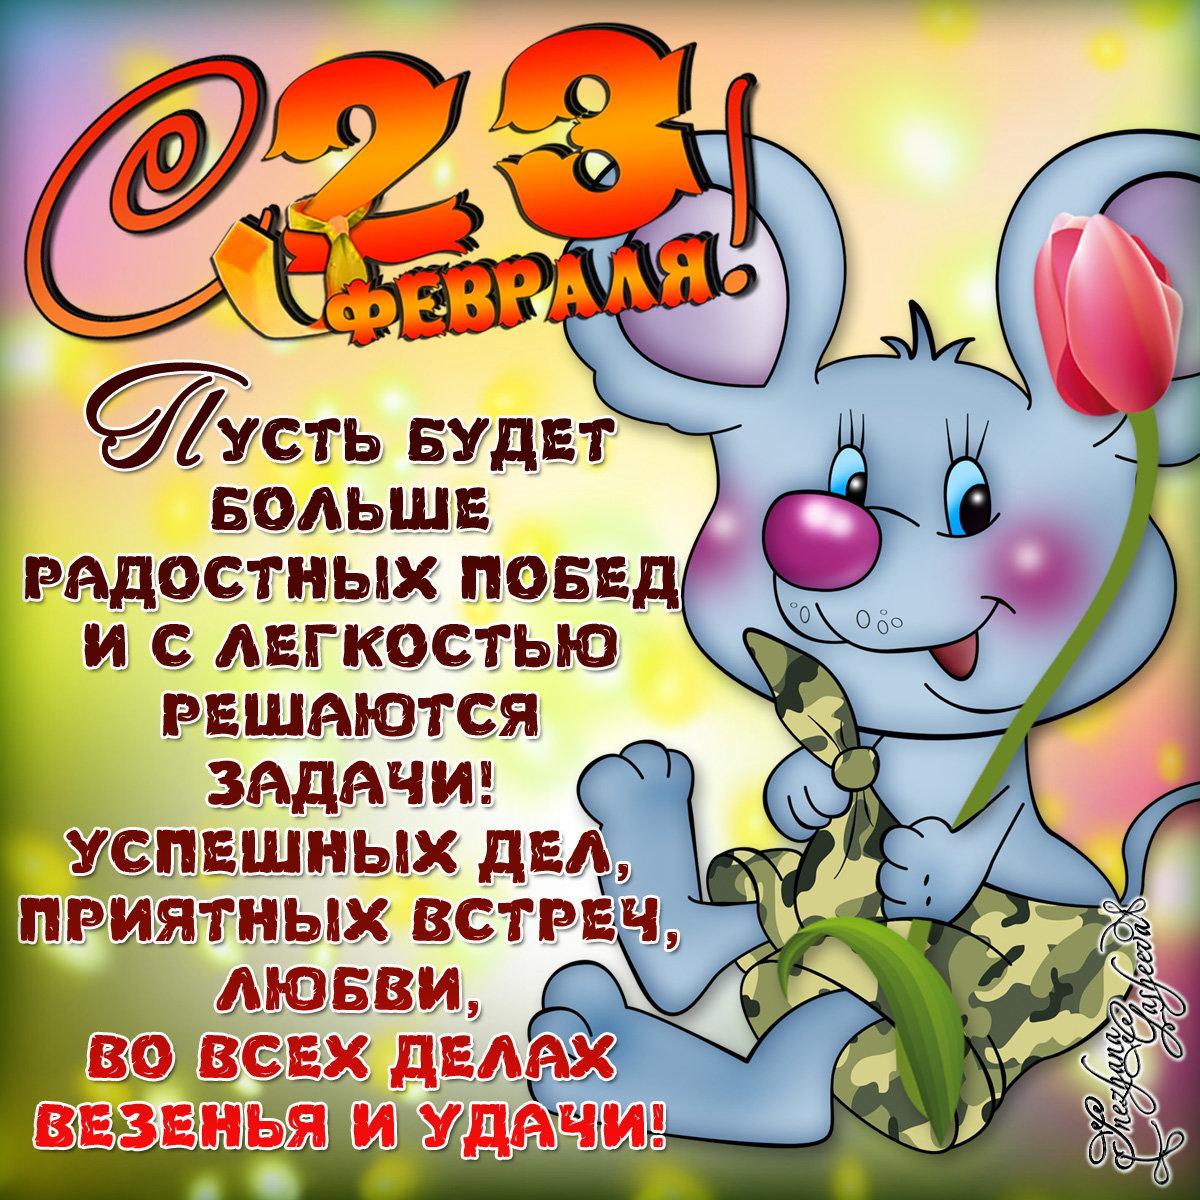 Поздравление с днем 23 февраля открытка